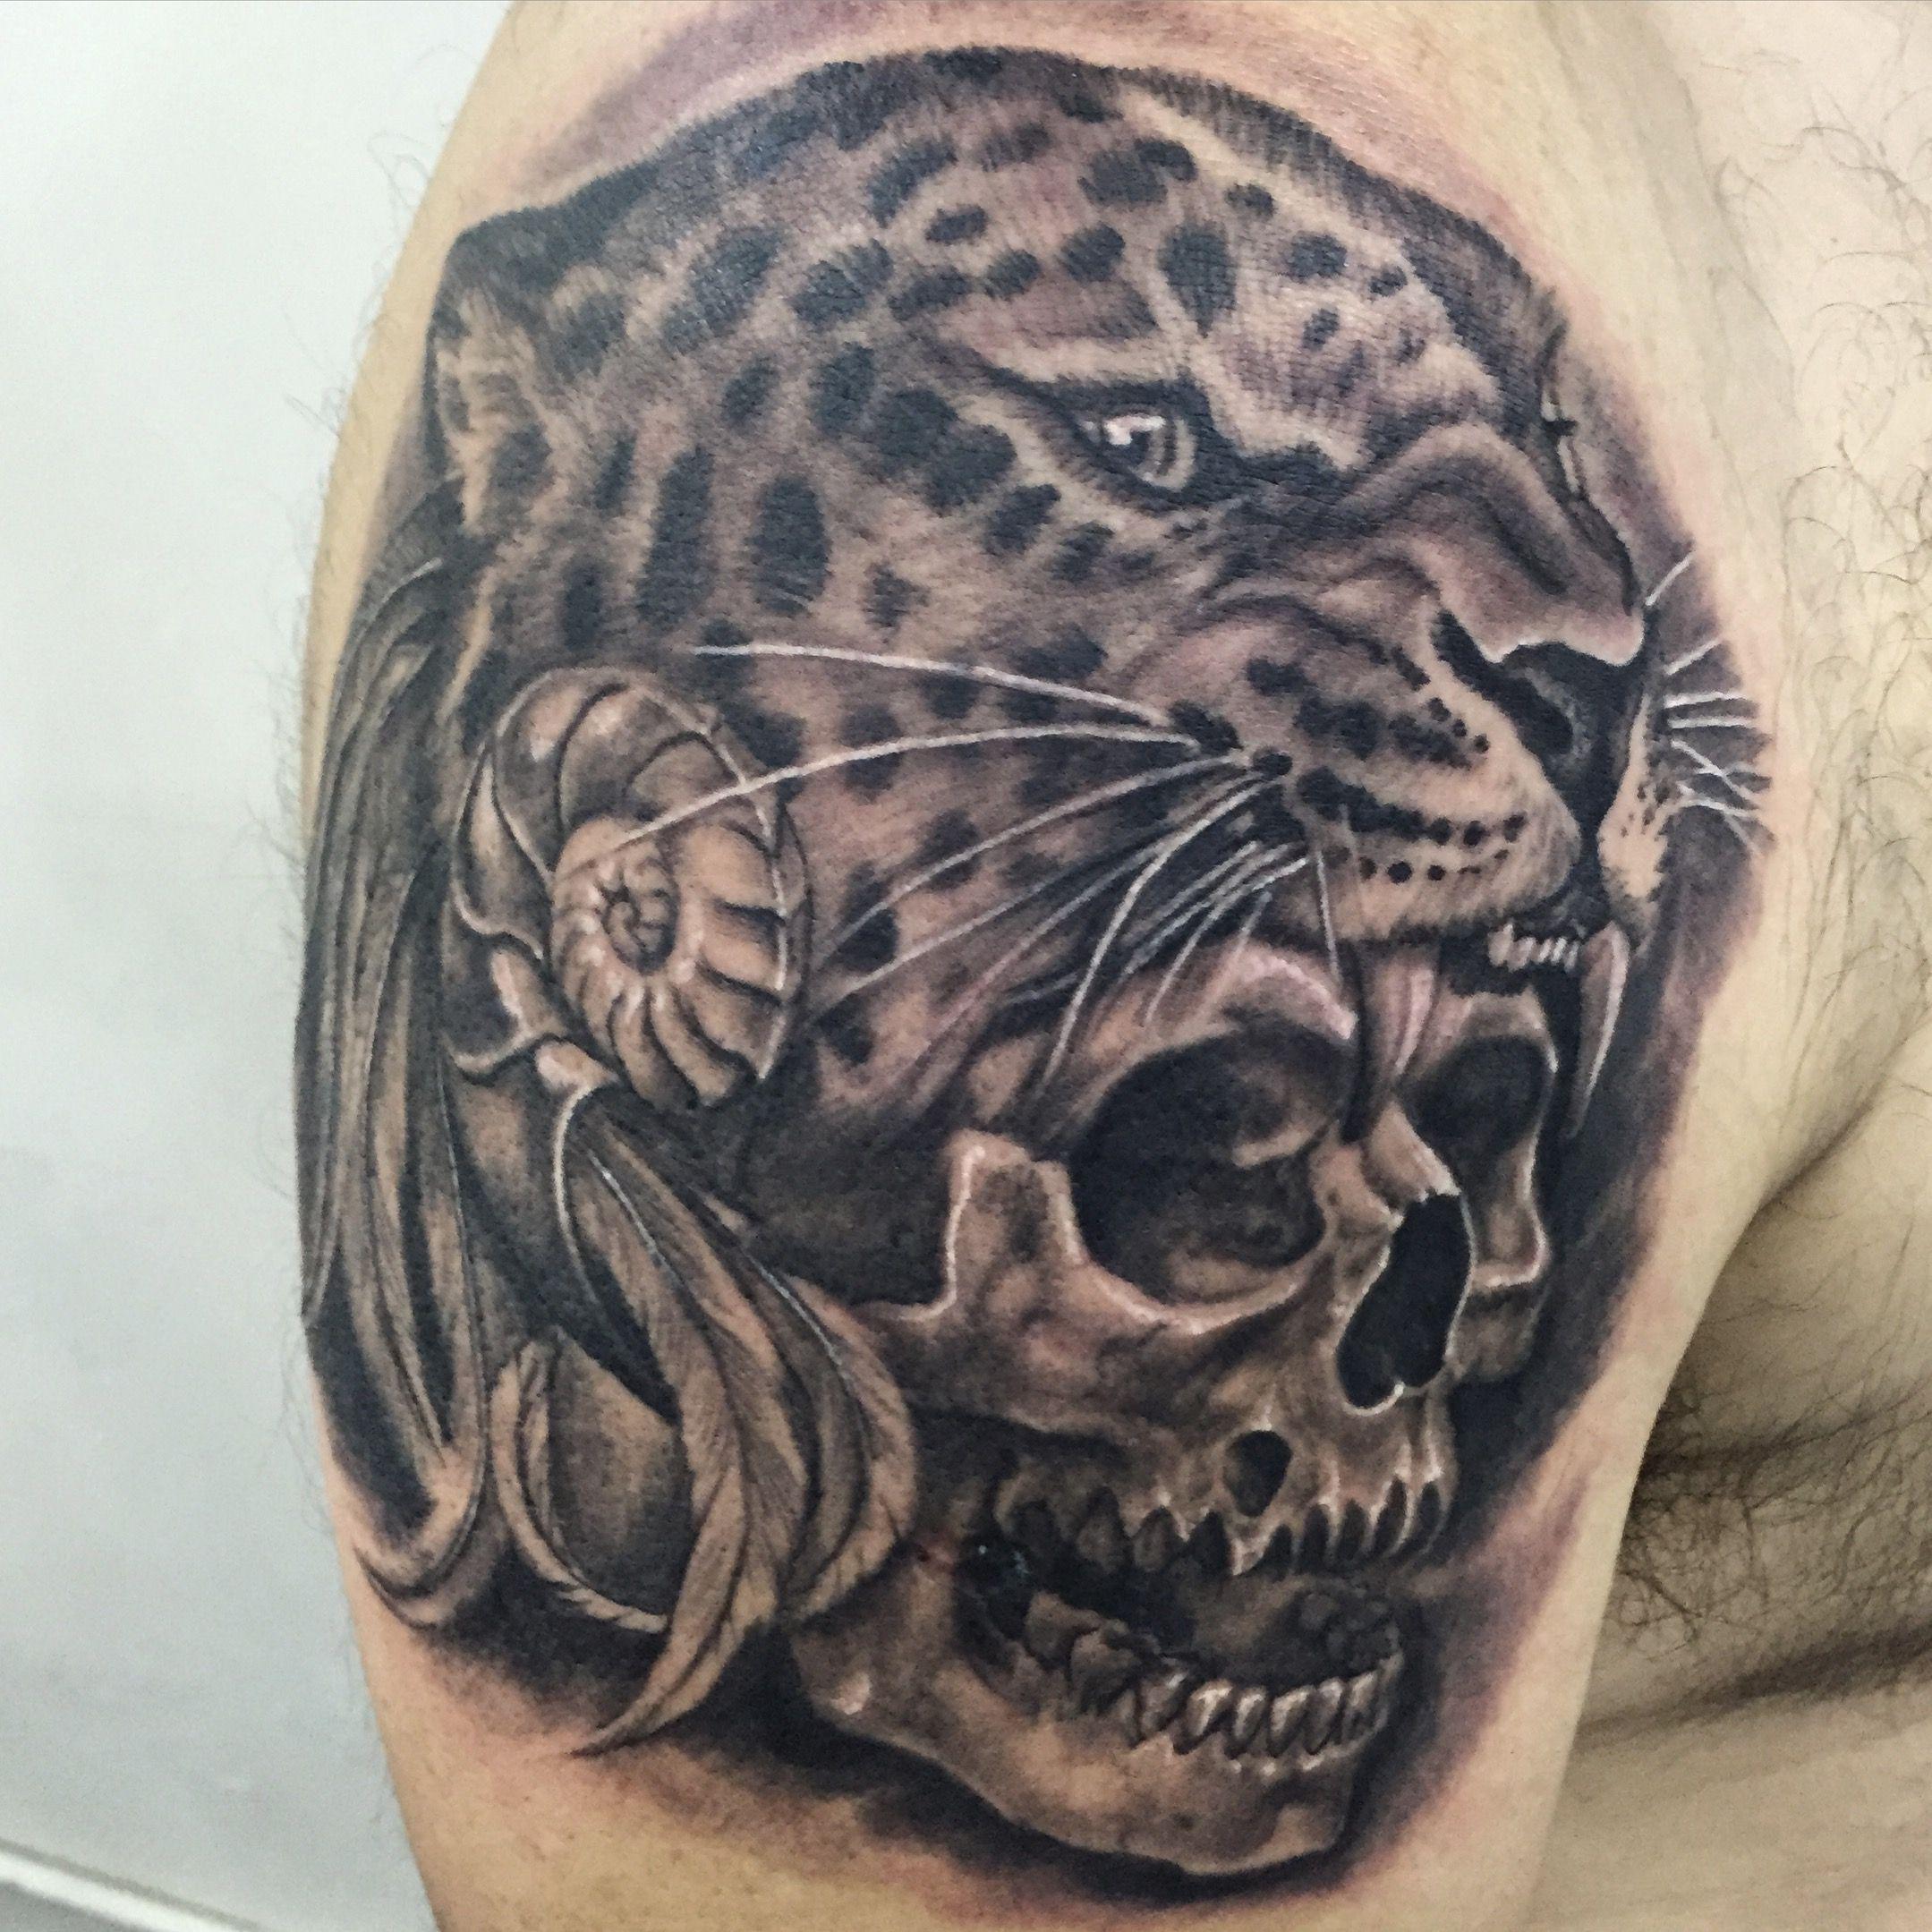 Tattoo Done by Indio Reyes (@indioreyes) at Tatuajes de Reyes ...